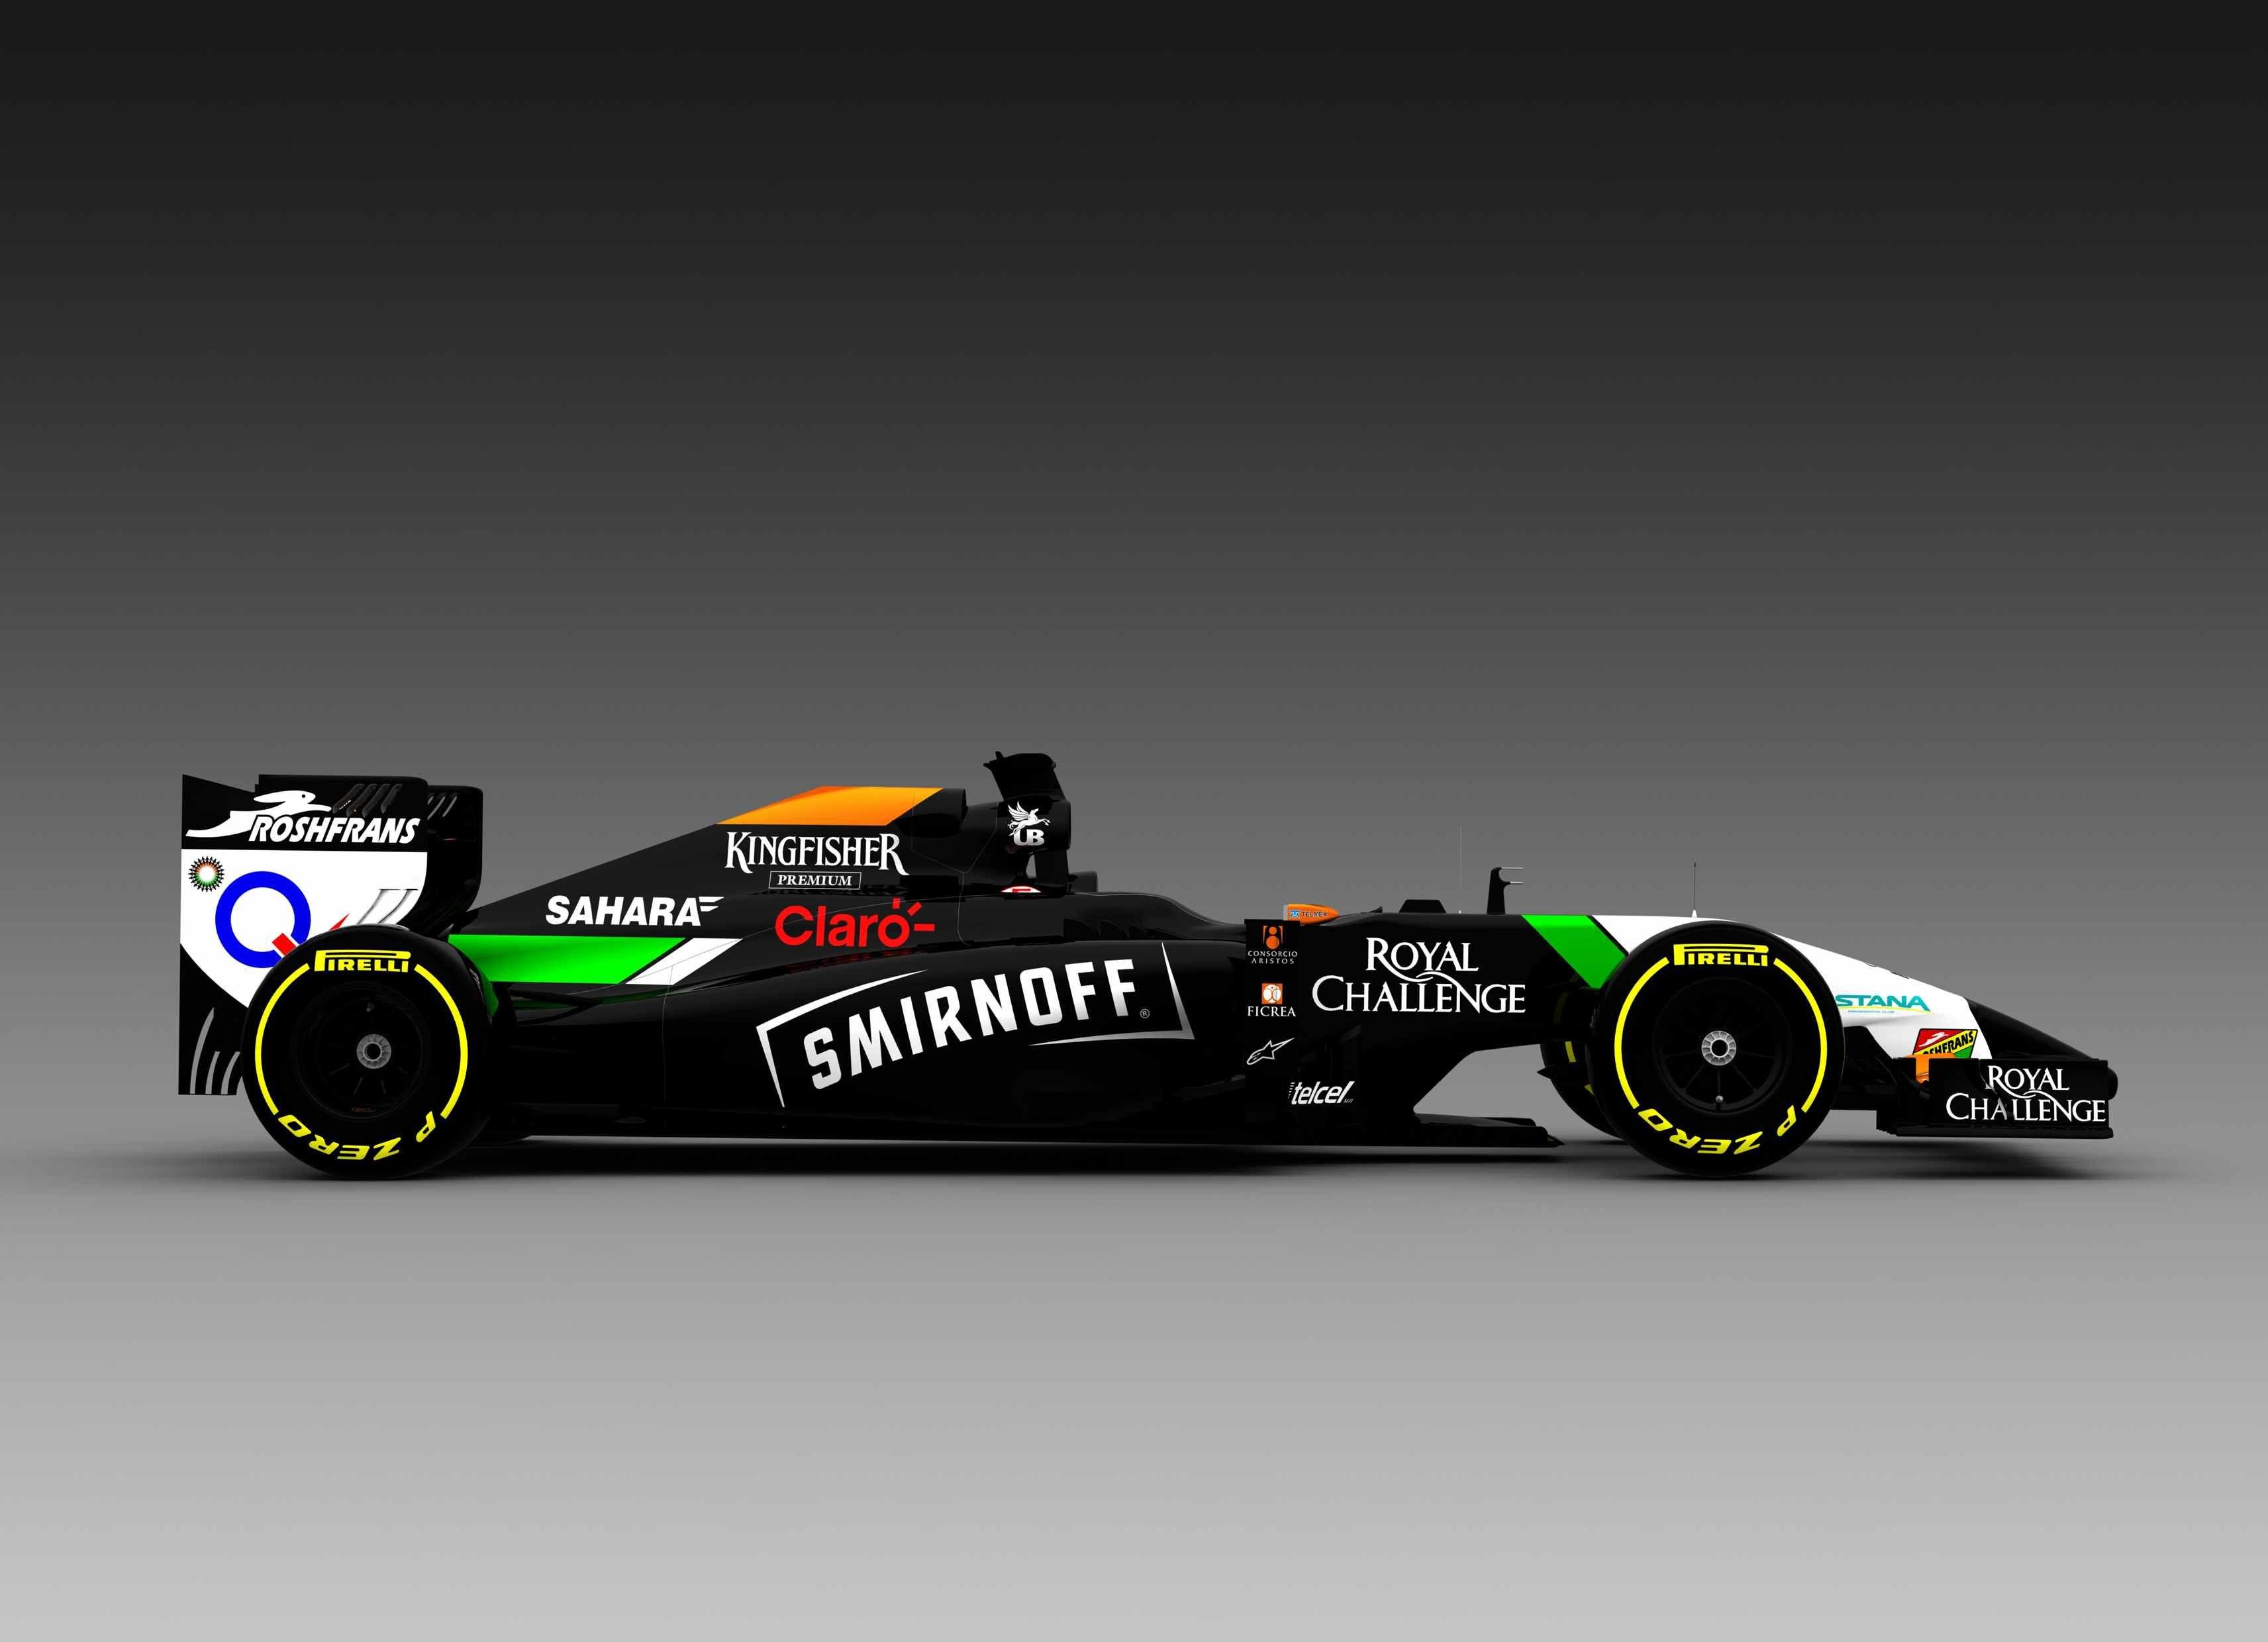 ASOS Joined McLaren Sponsors For Australian GP   Auto Race Sponsor |  Motorsport Images | Pinterest | Auto Racing